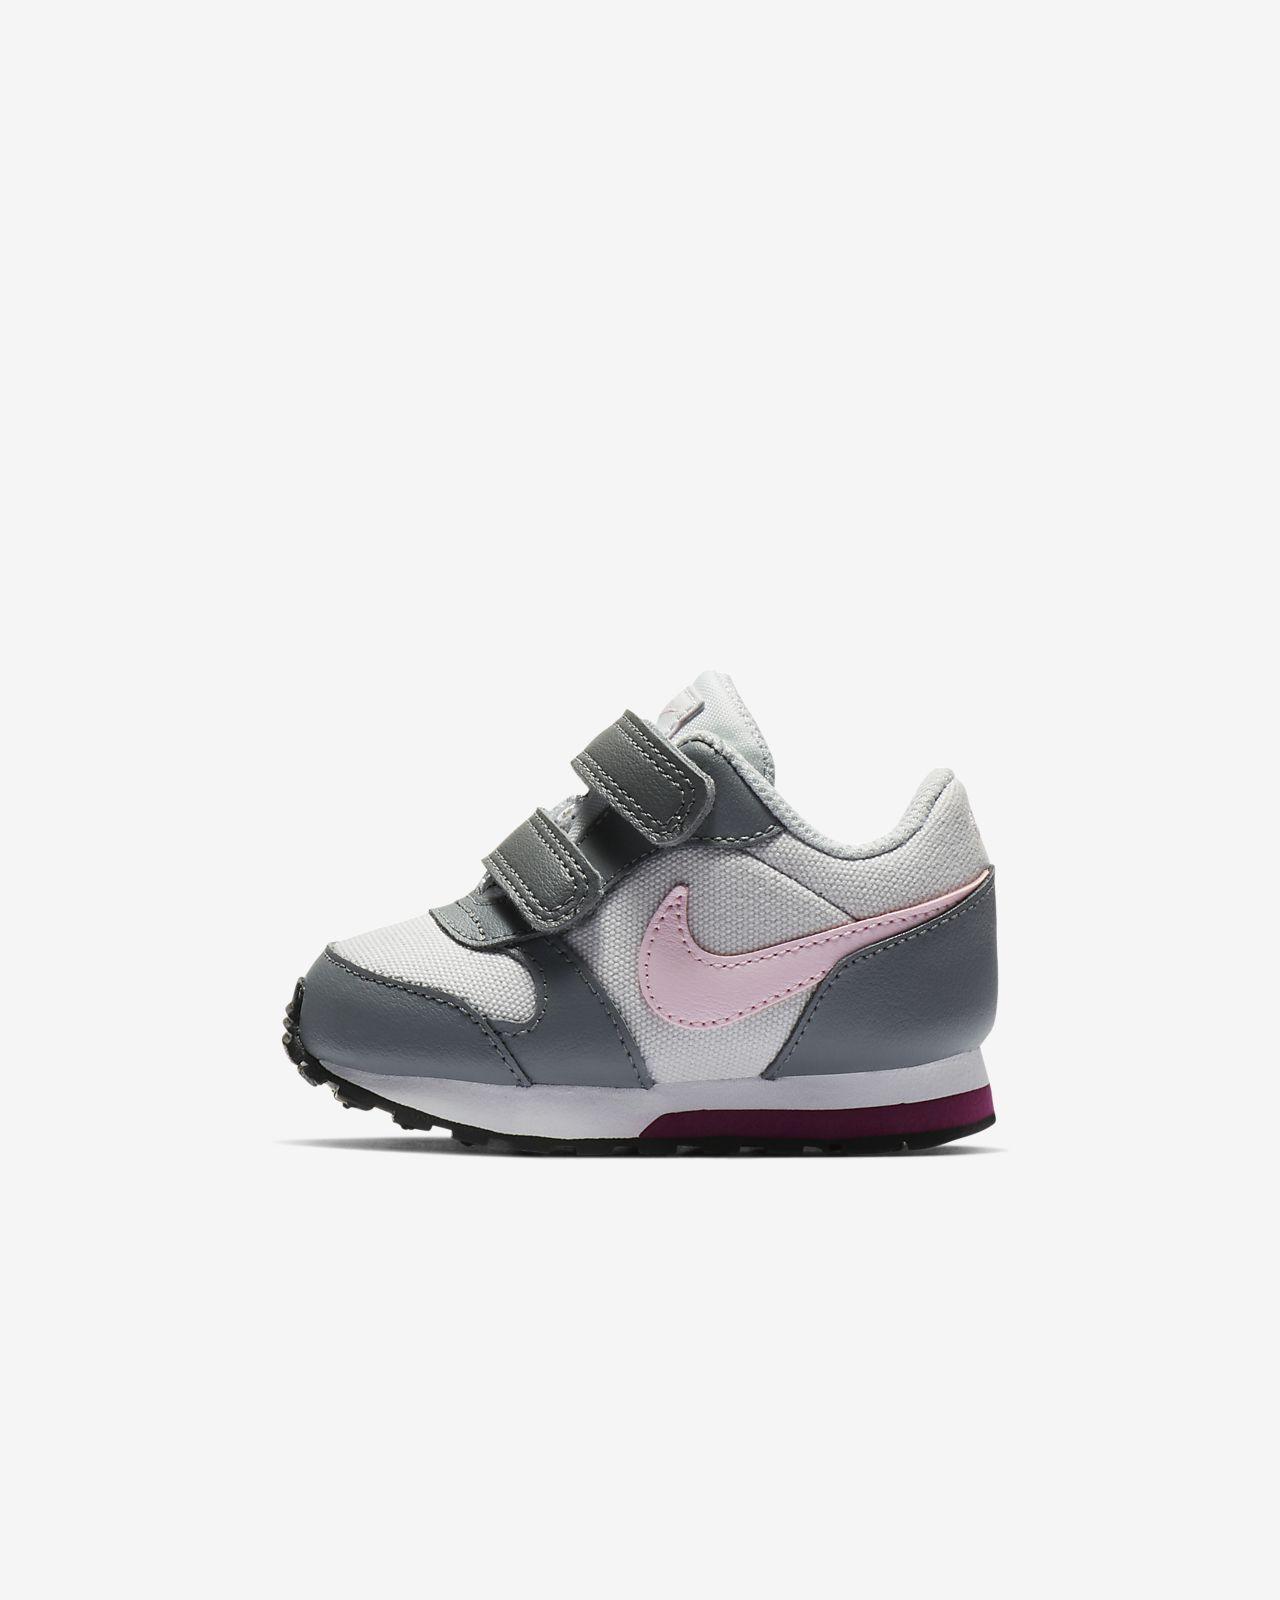 timeless design 23f63 6f4d5 ... Nike MD Runner 2 Schuh für Kleinkinder